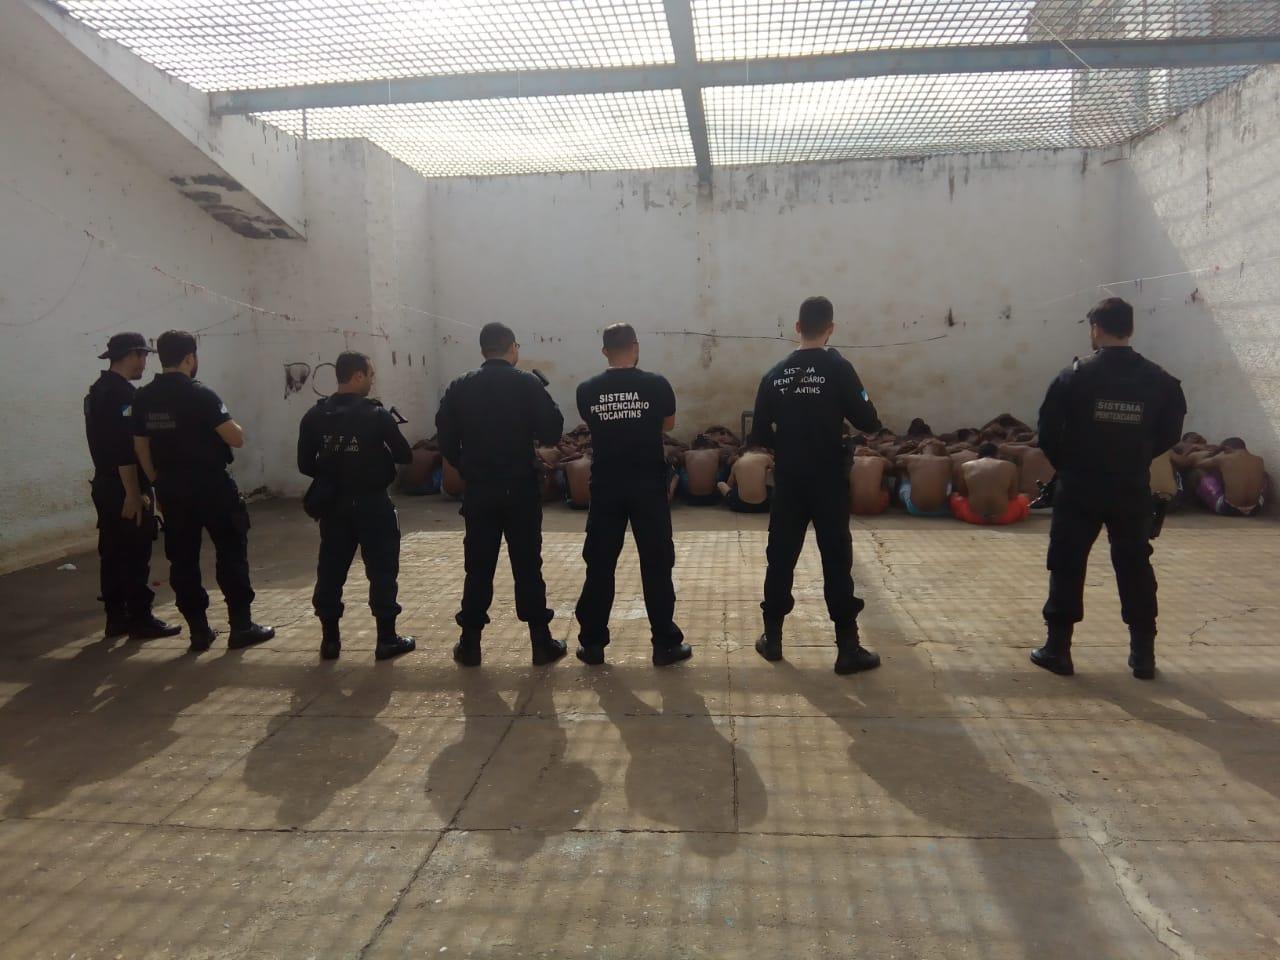 CPP de Porto confirma qualidade de procedimento operacional após realizar revista sem presença de ilícitos